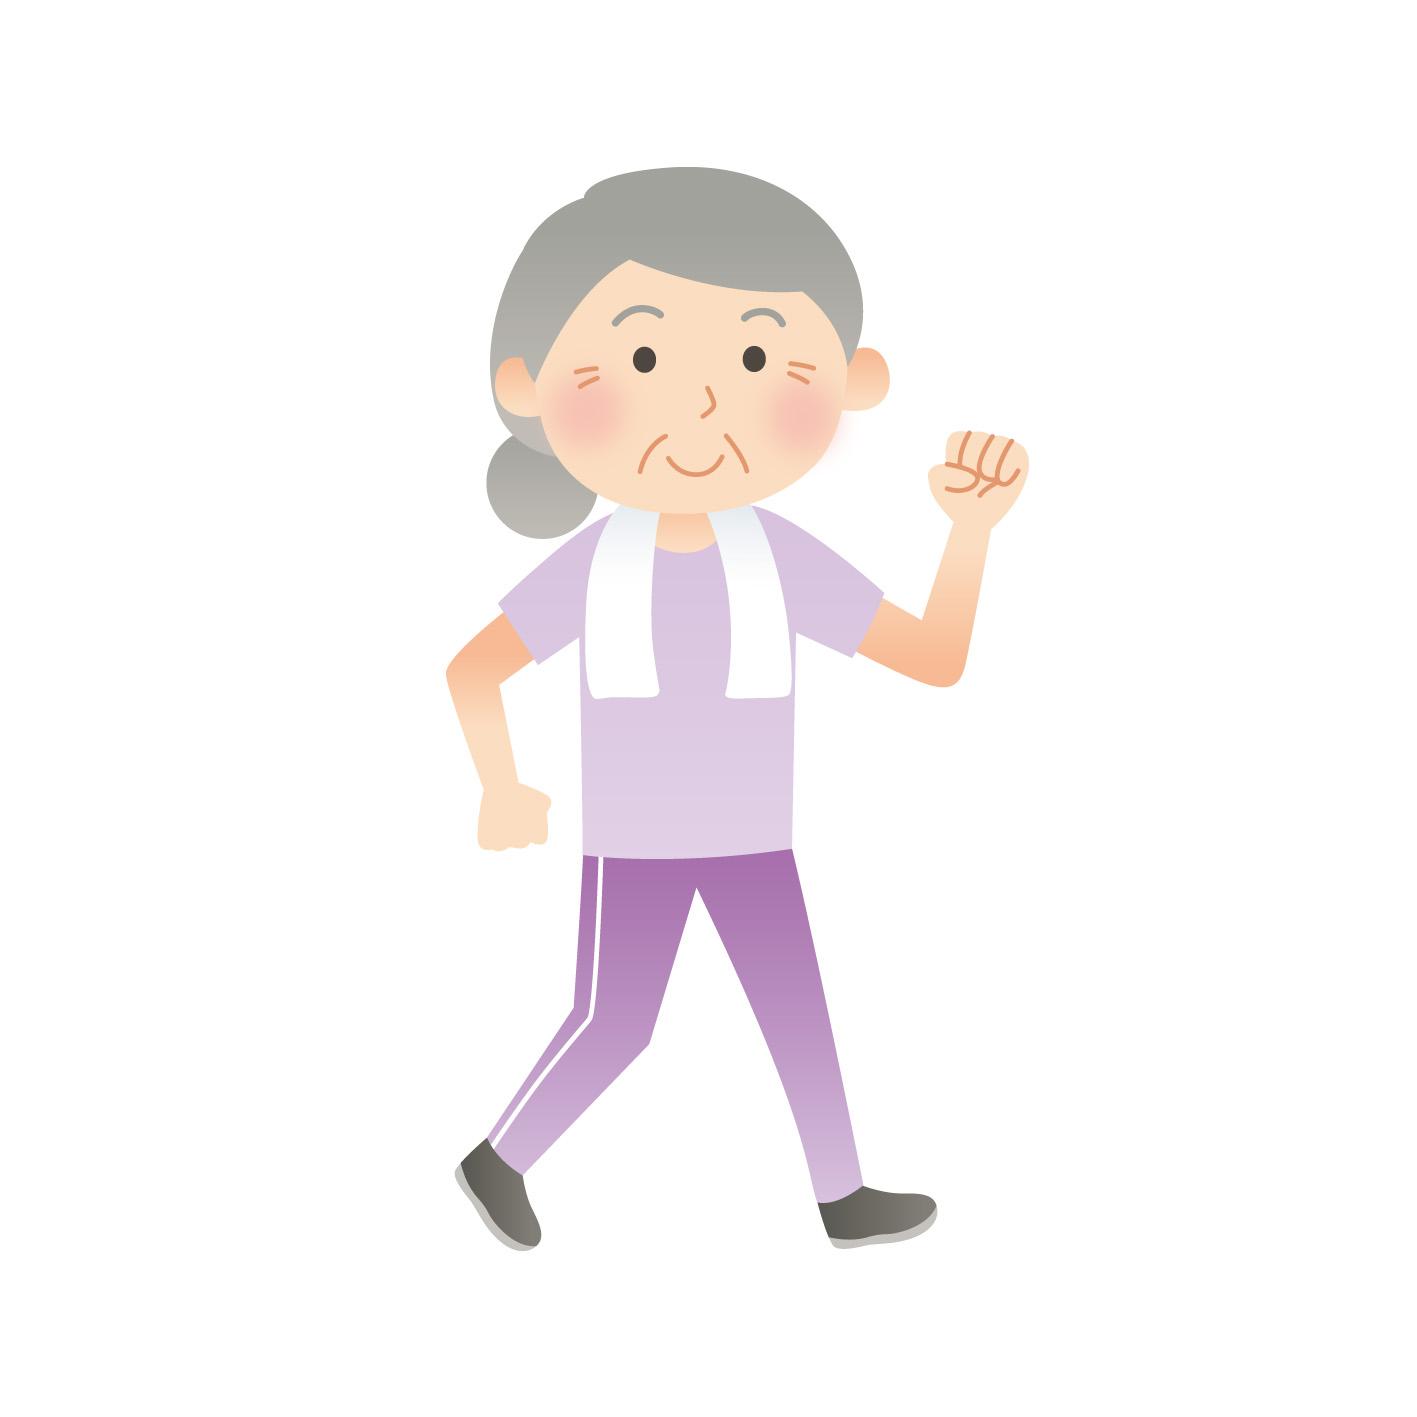 乳癌を予防するには運動が必要